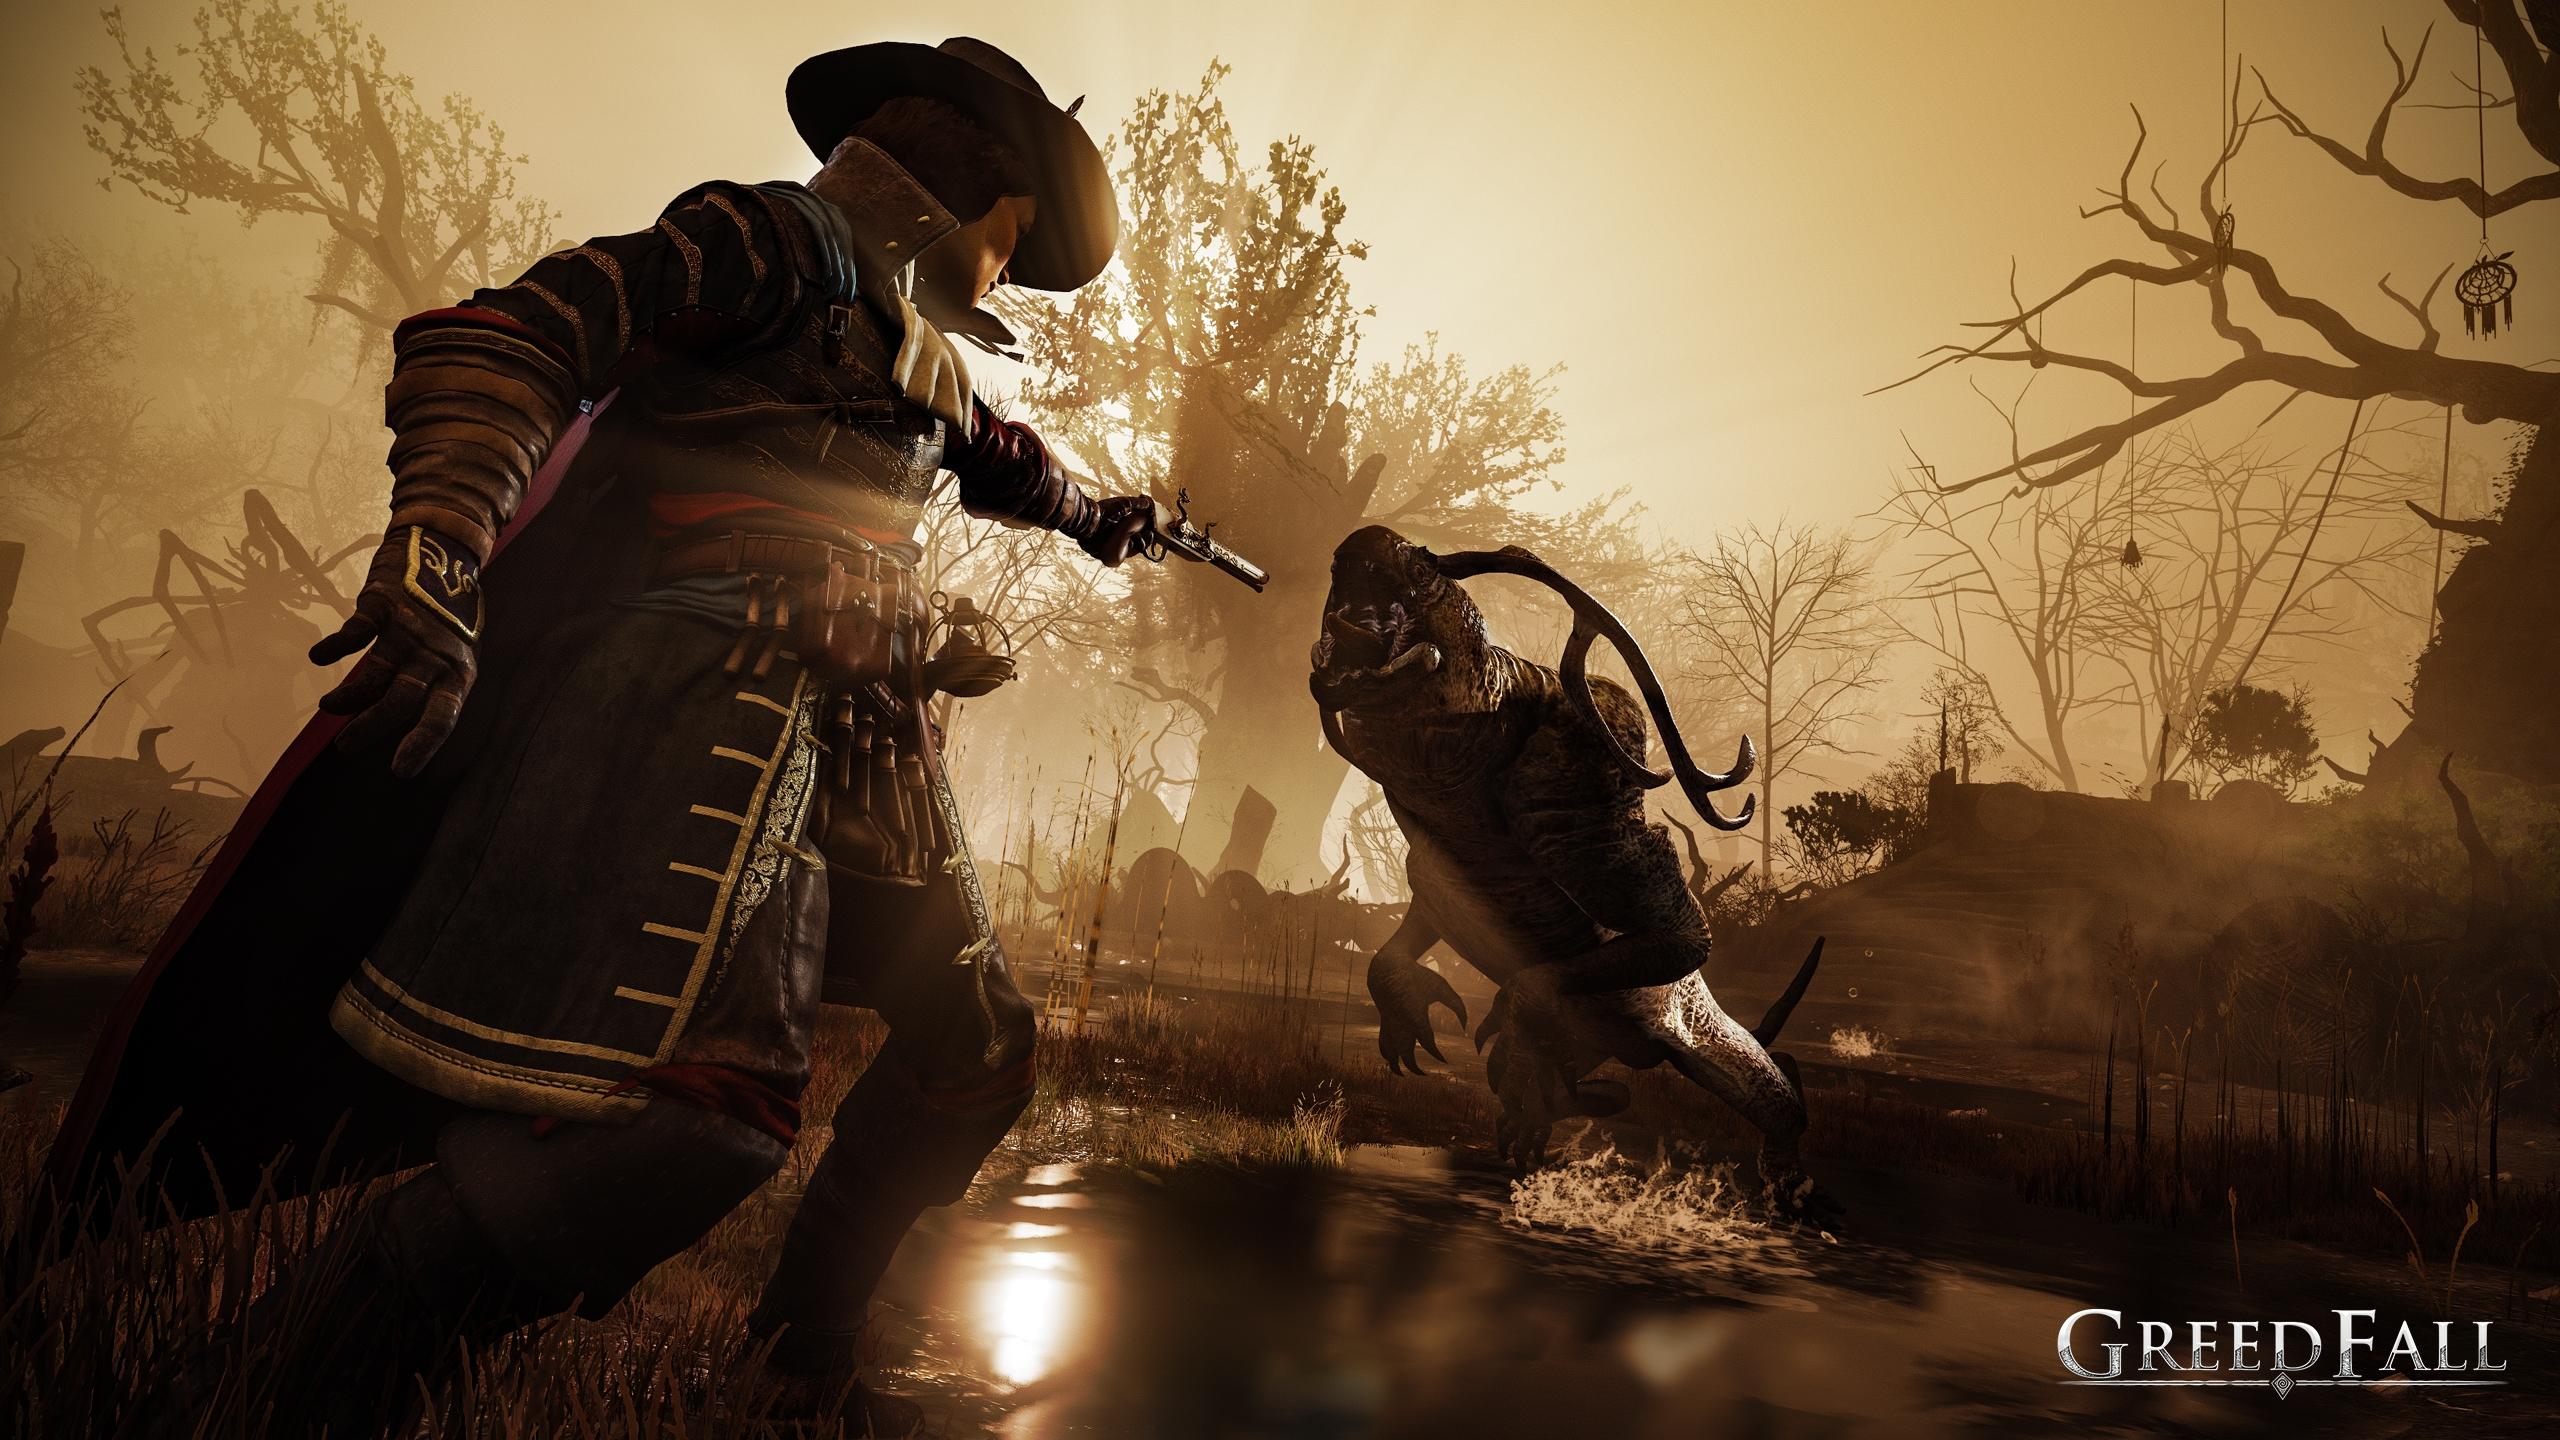 GreedFall Gamescom 2019 Hands-on Preview - Better than BioWare?